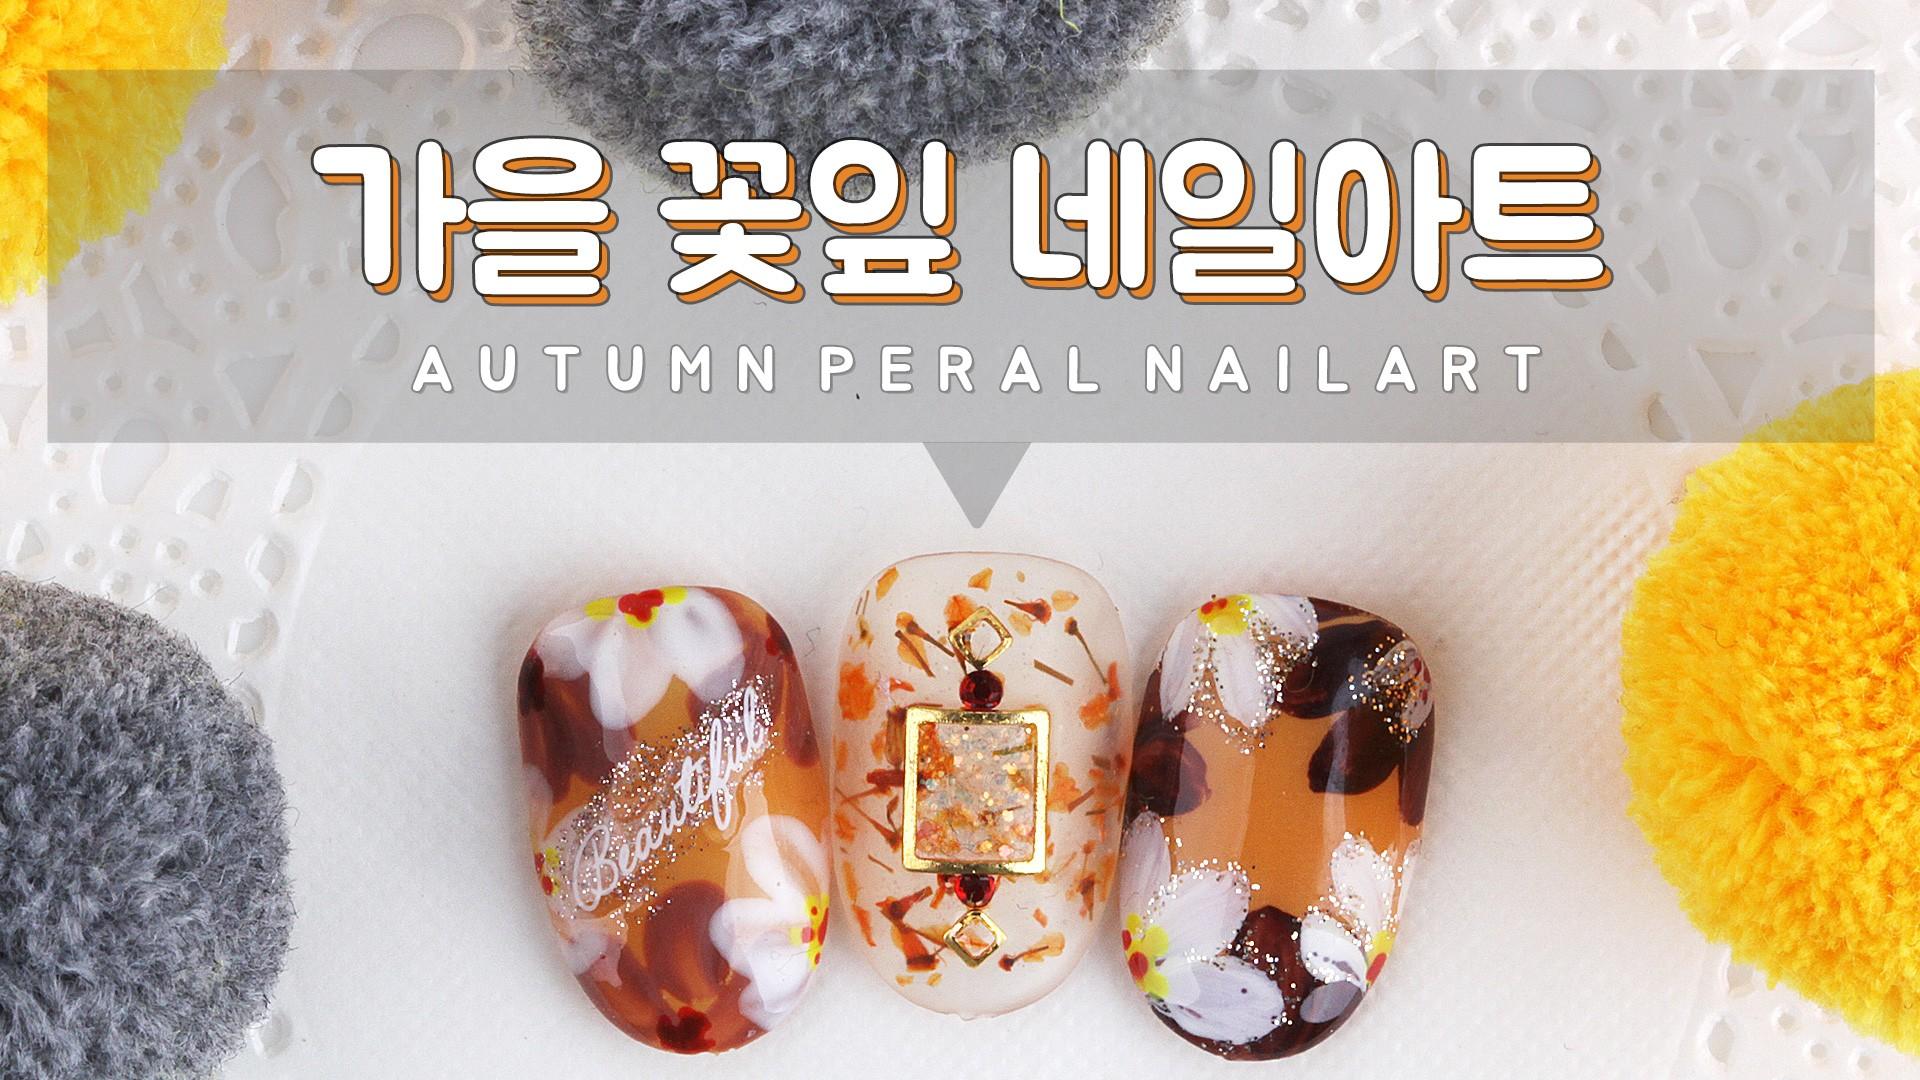 가을 꽃잎 셀프네일 하는법 / Autumn petals nail art